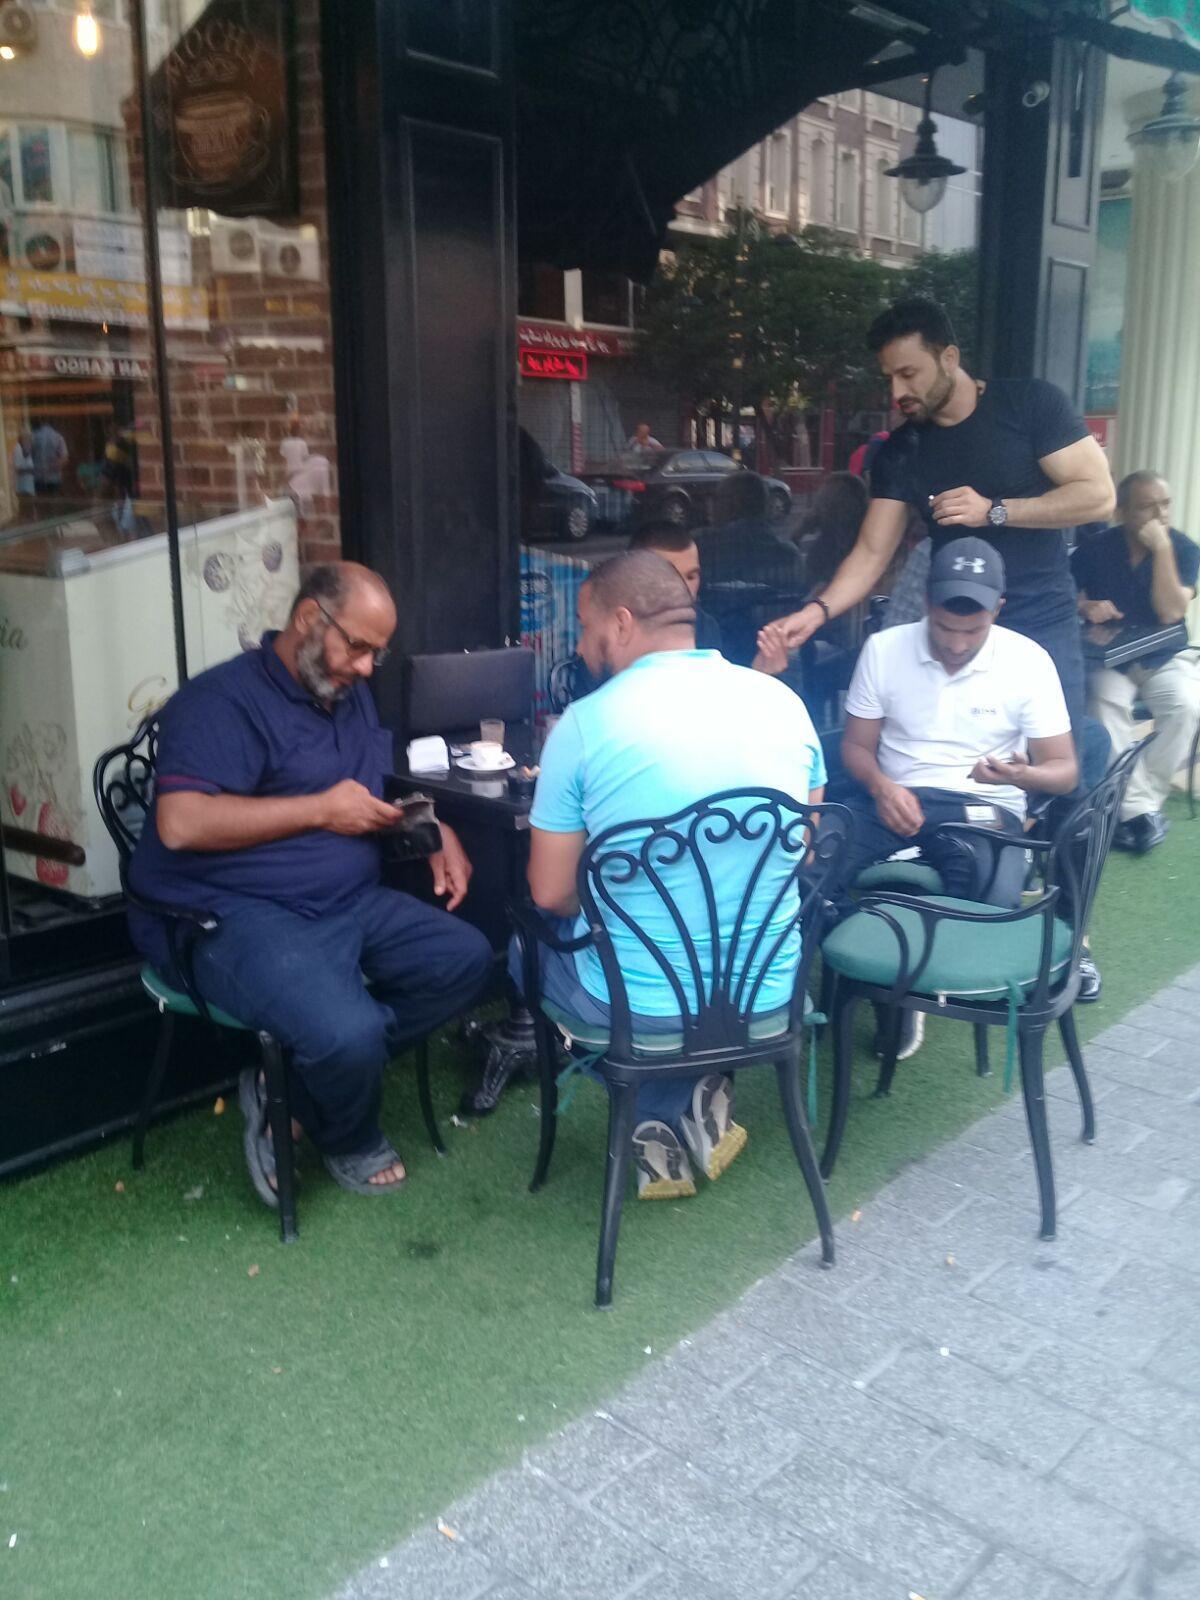 البحث عن الأعسم في إسطنبول: العائلة تعتقد أنه اختطف أو اعتقل